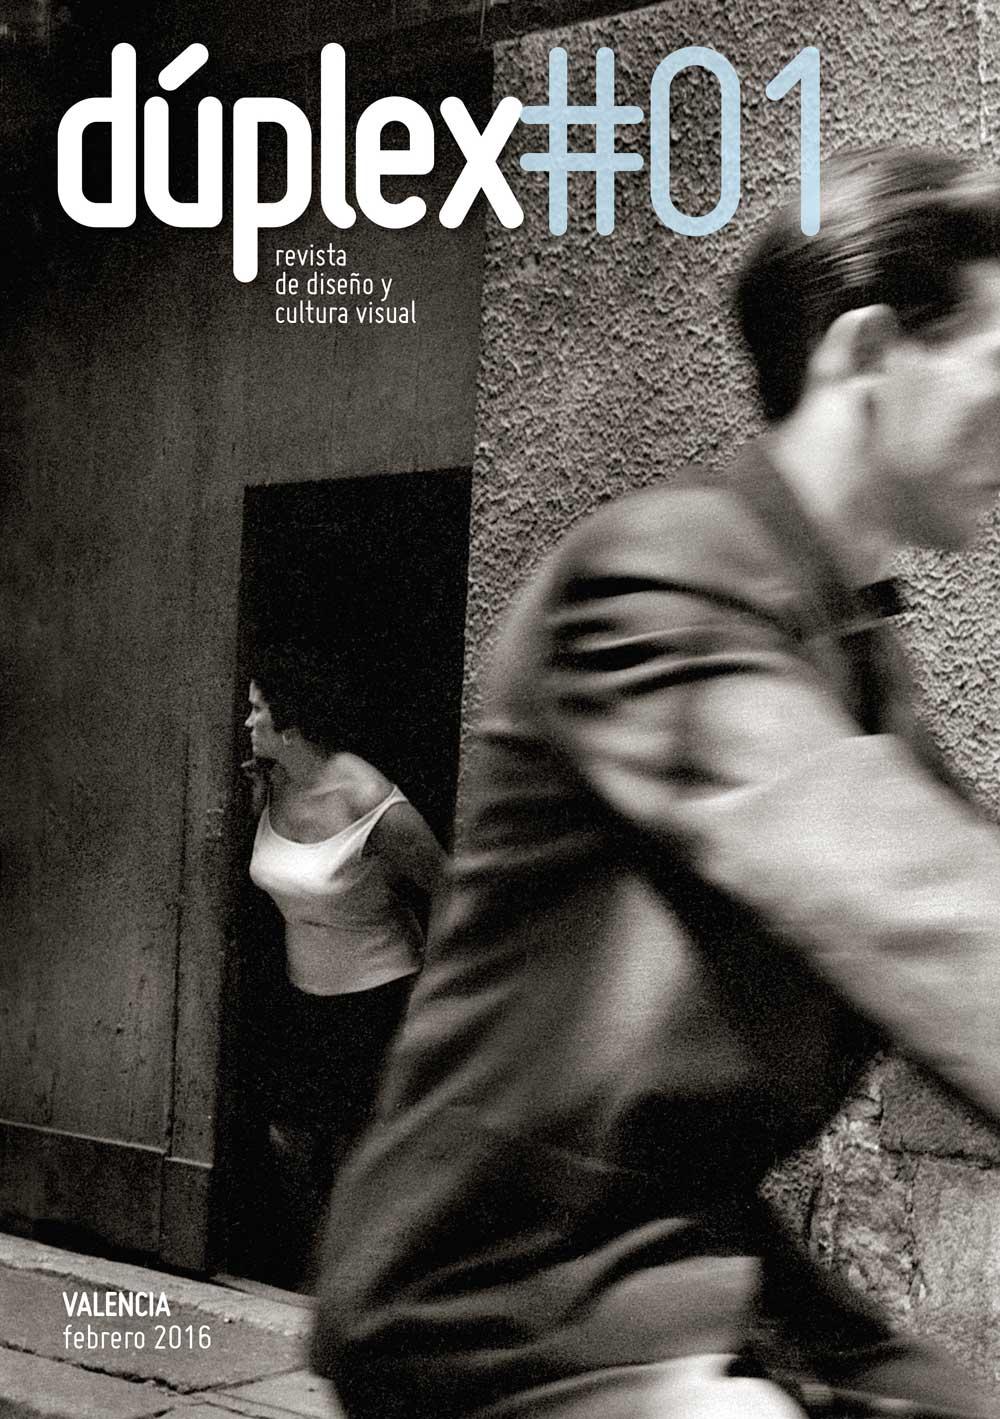 portada de la revista duplex 1